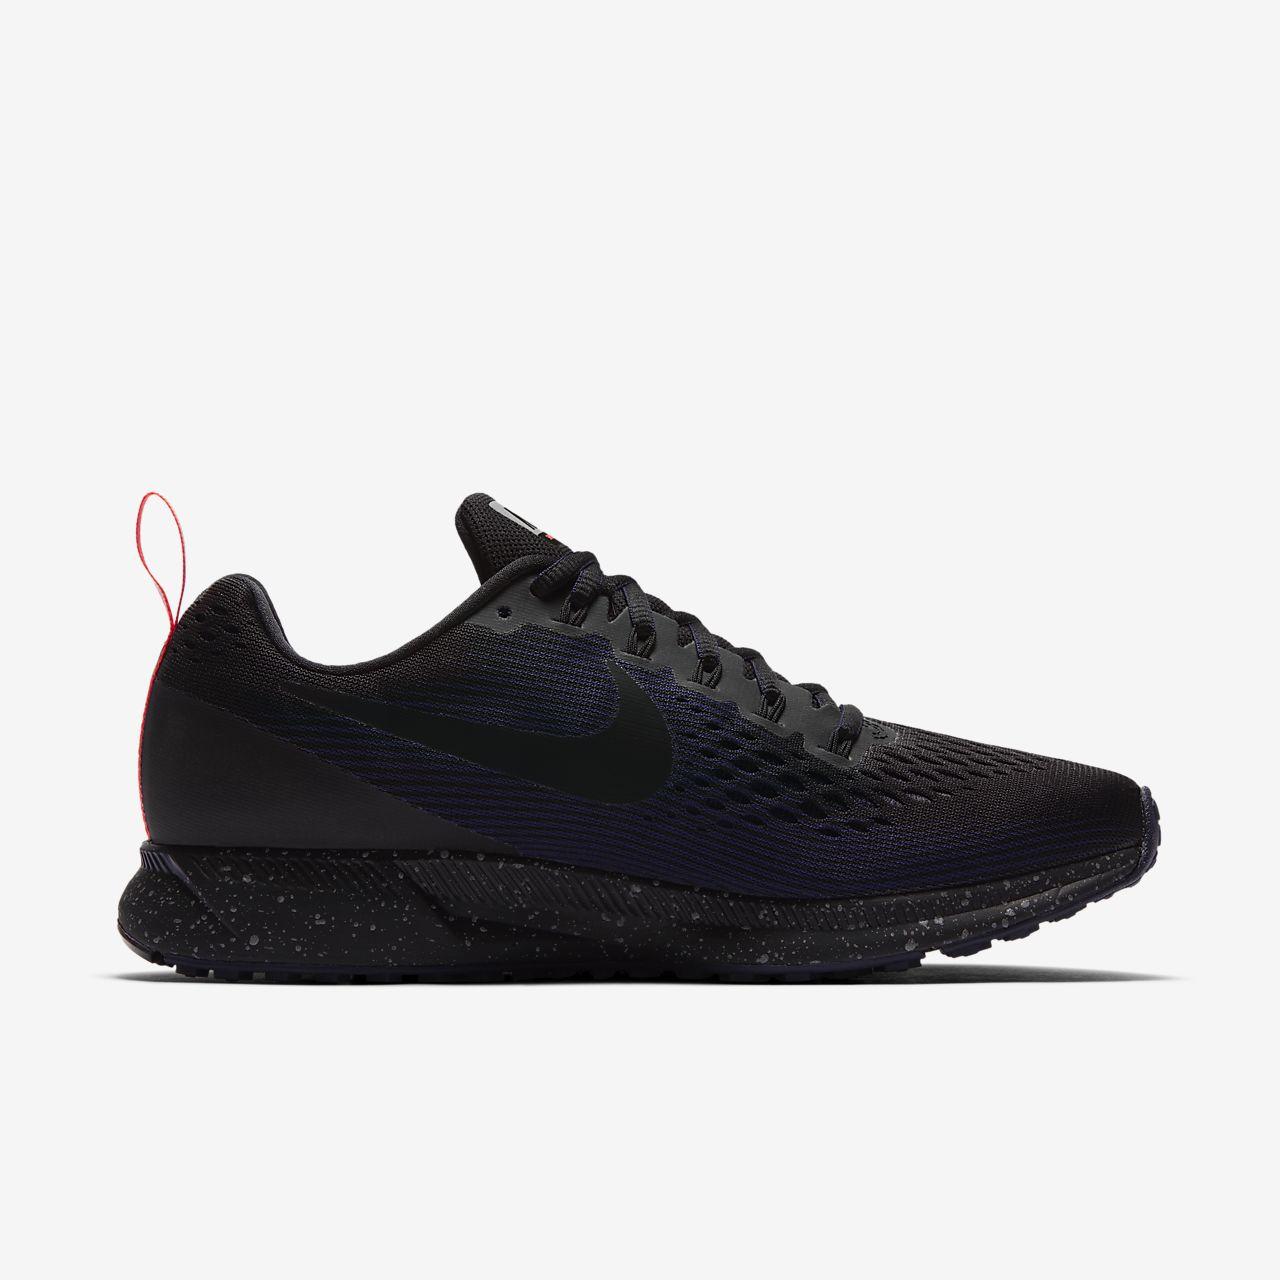 ... Nike Air Zoom Pegasus 34 Shield Hardloopschoen voor dames